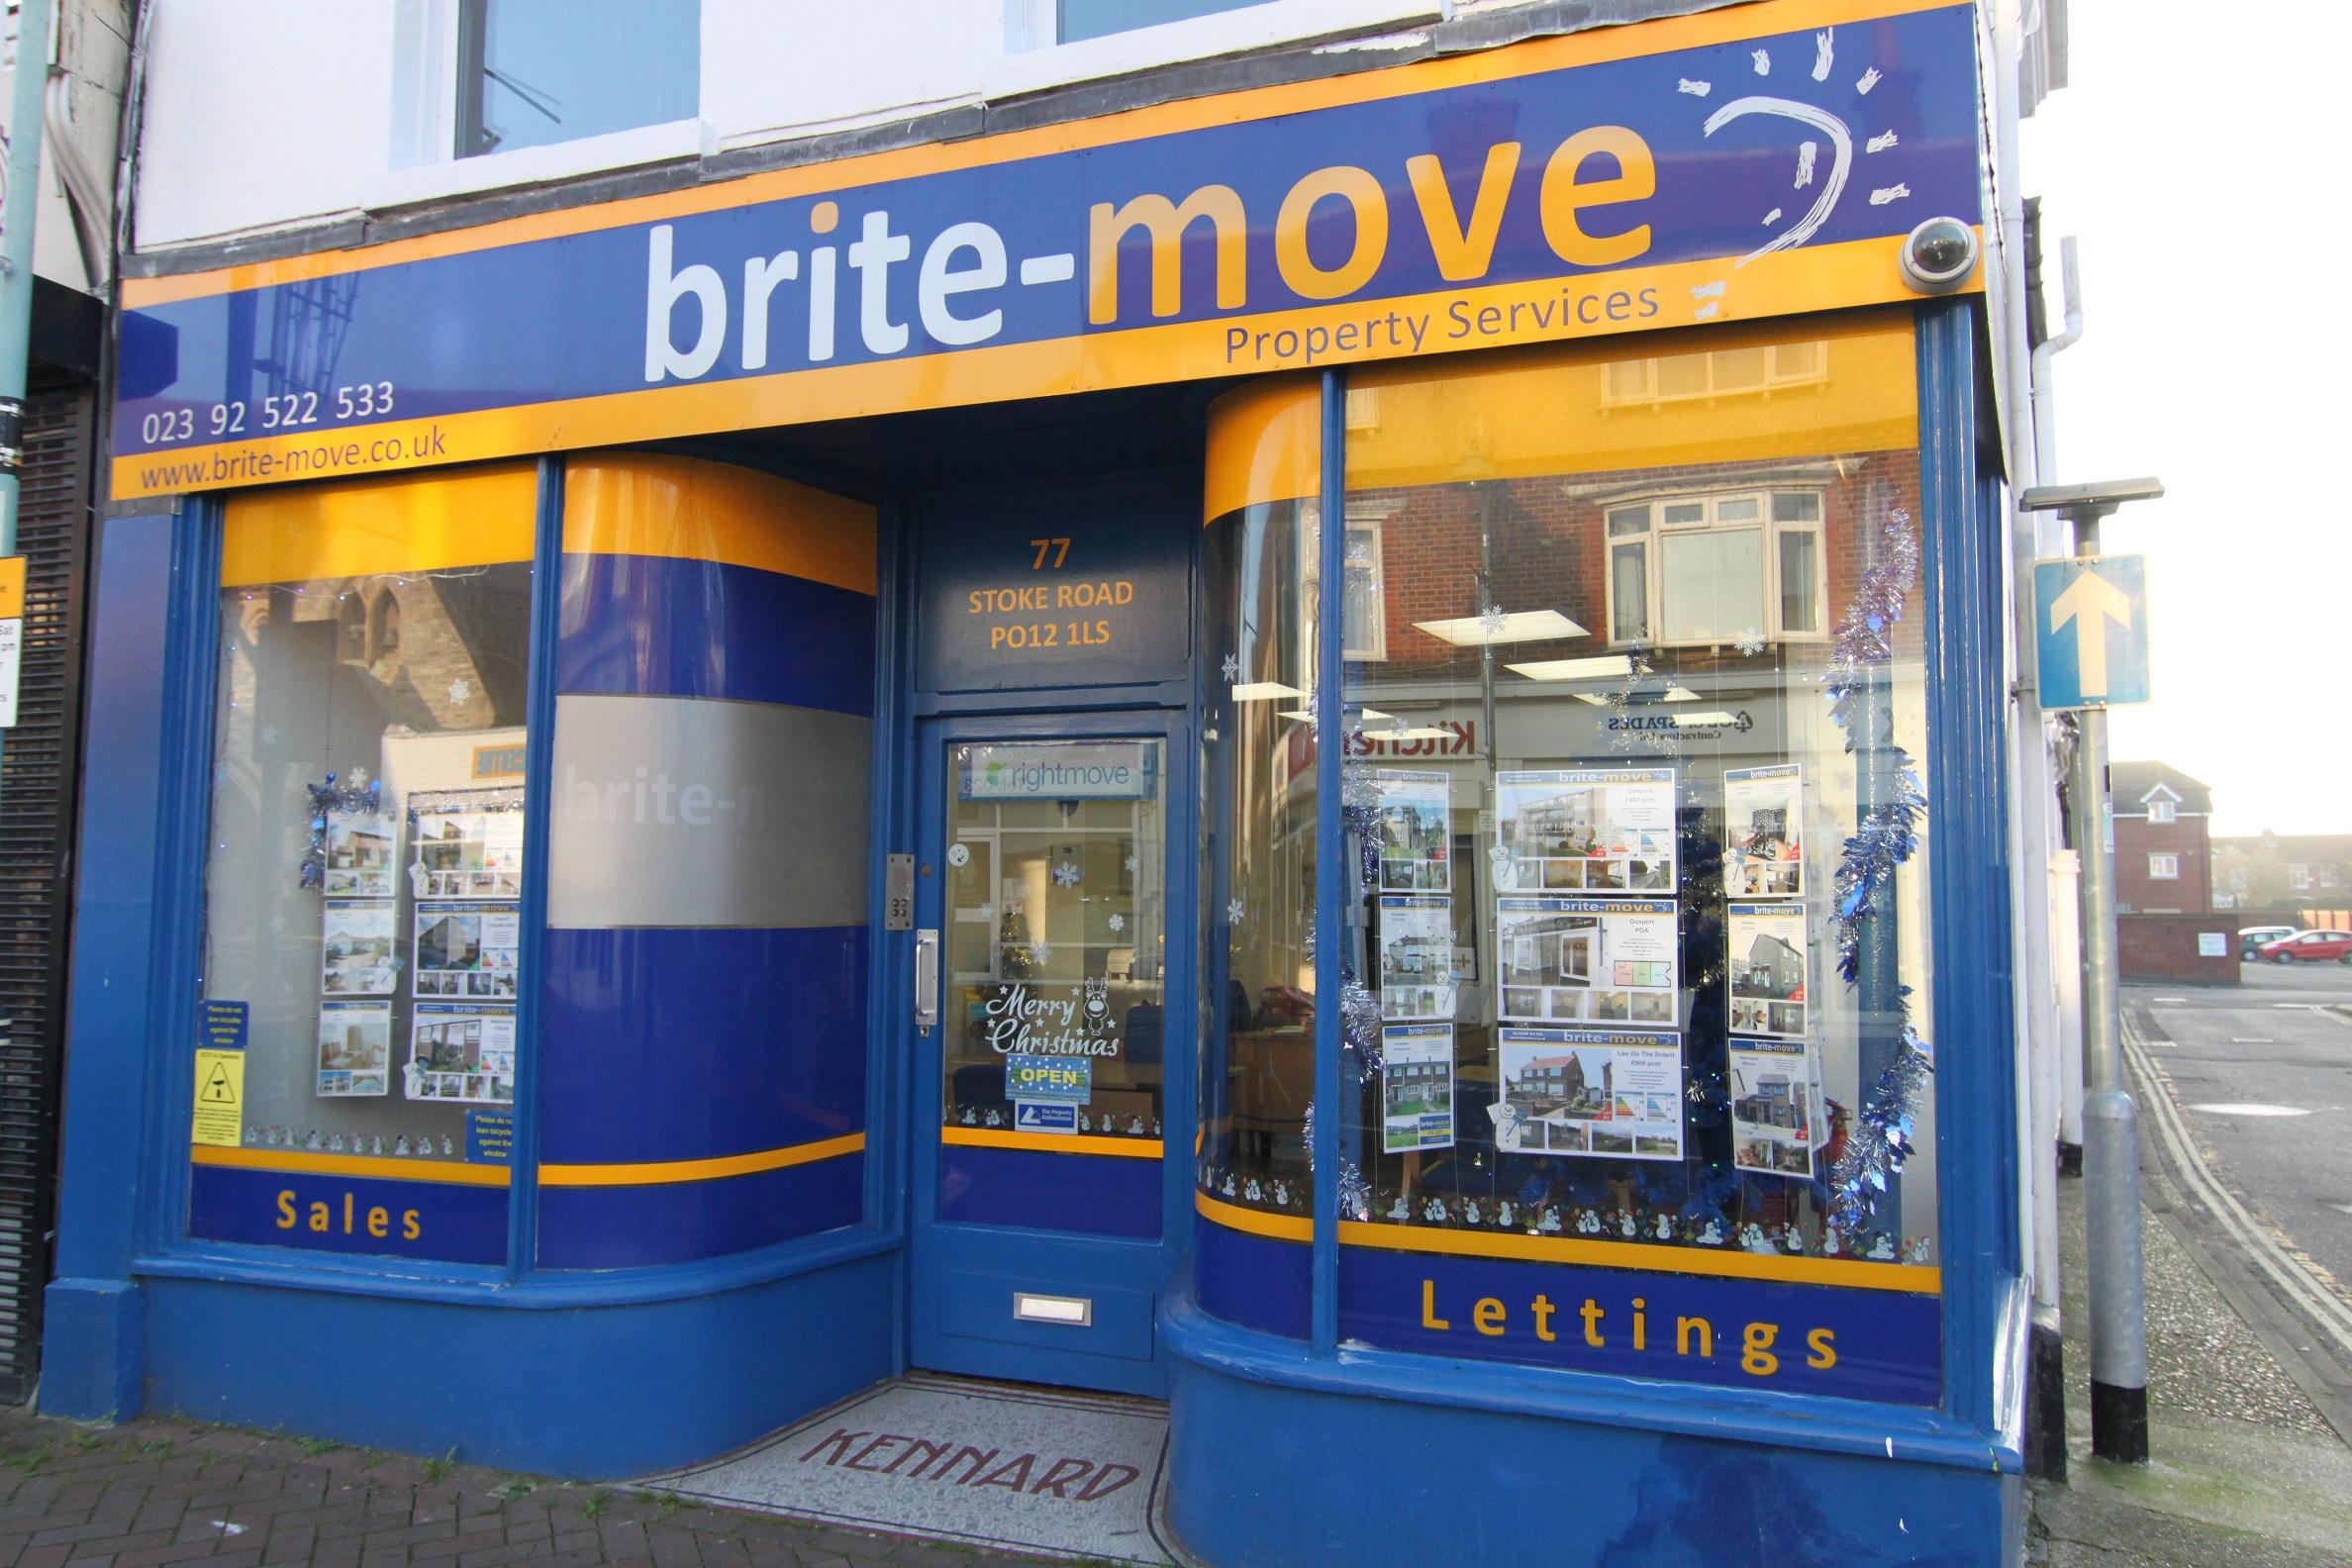 brite-move